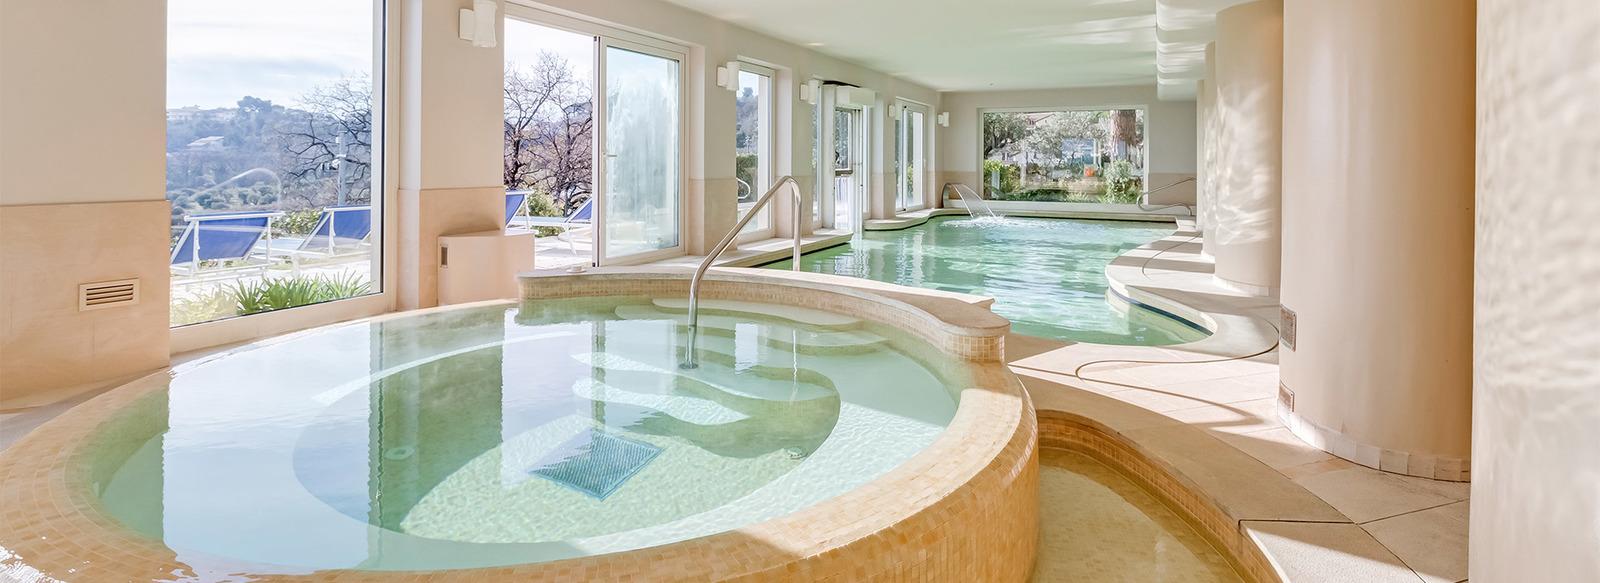 Ambiente di lusso per un soggiorno di benessere